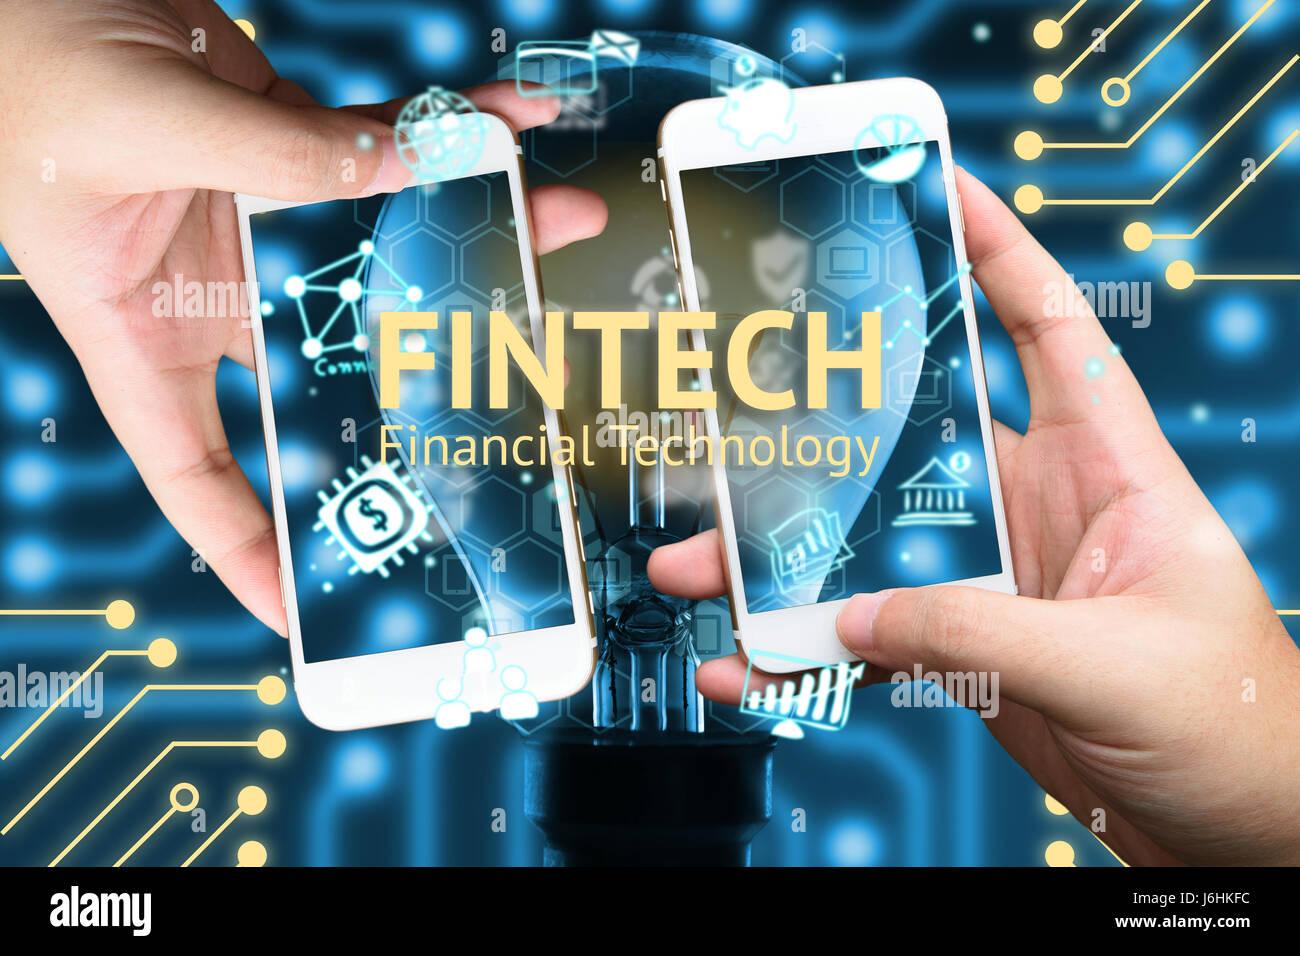 FinTech-Konzept. Zwei hand halten Mobiltelefon und Ikonen der Finanztechnologie. Glühbirne, Infografik, Texte Stockbild